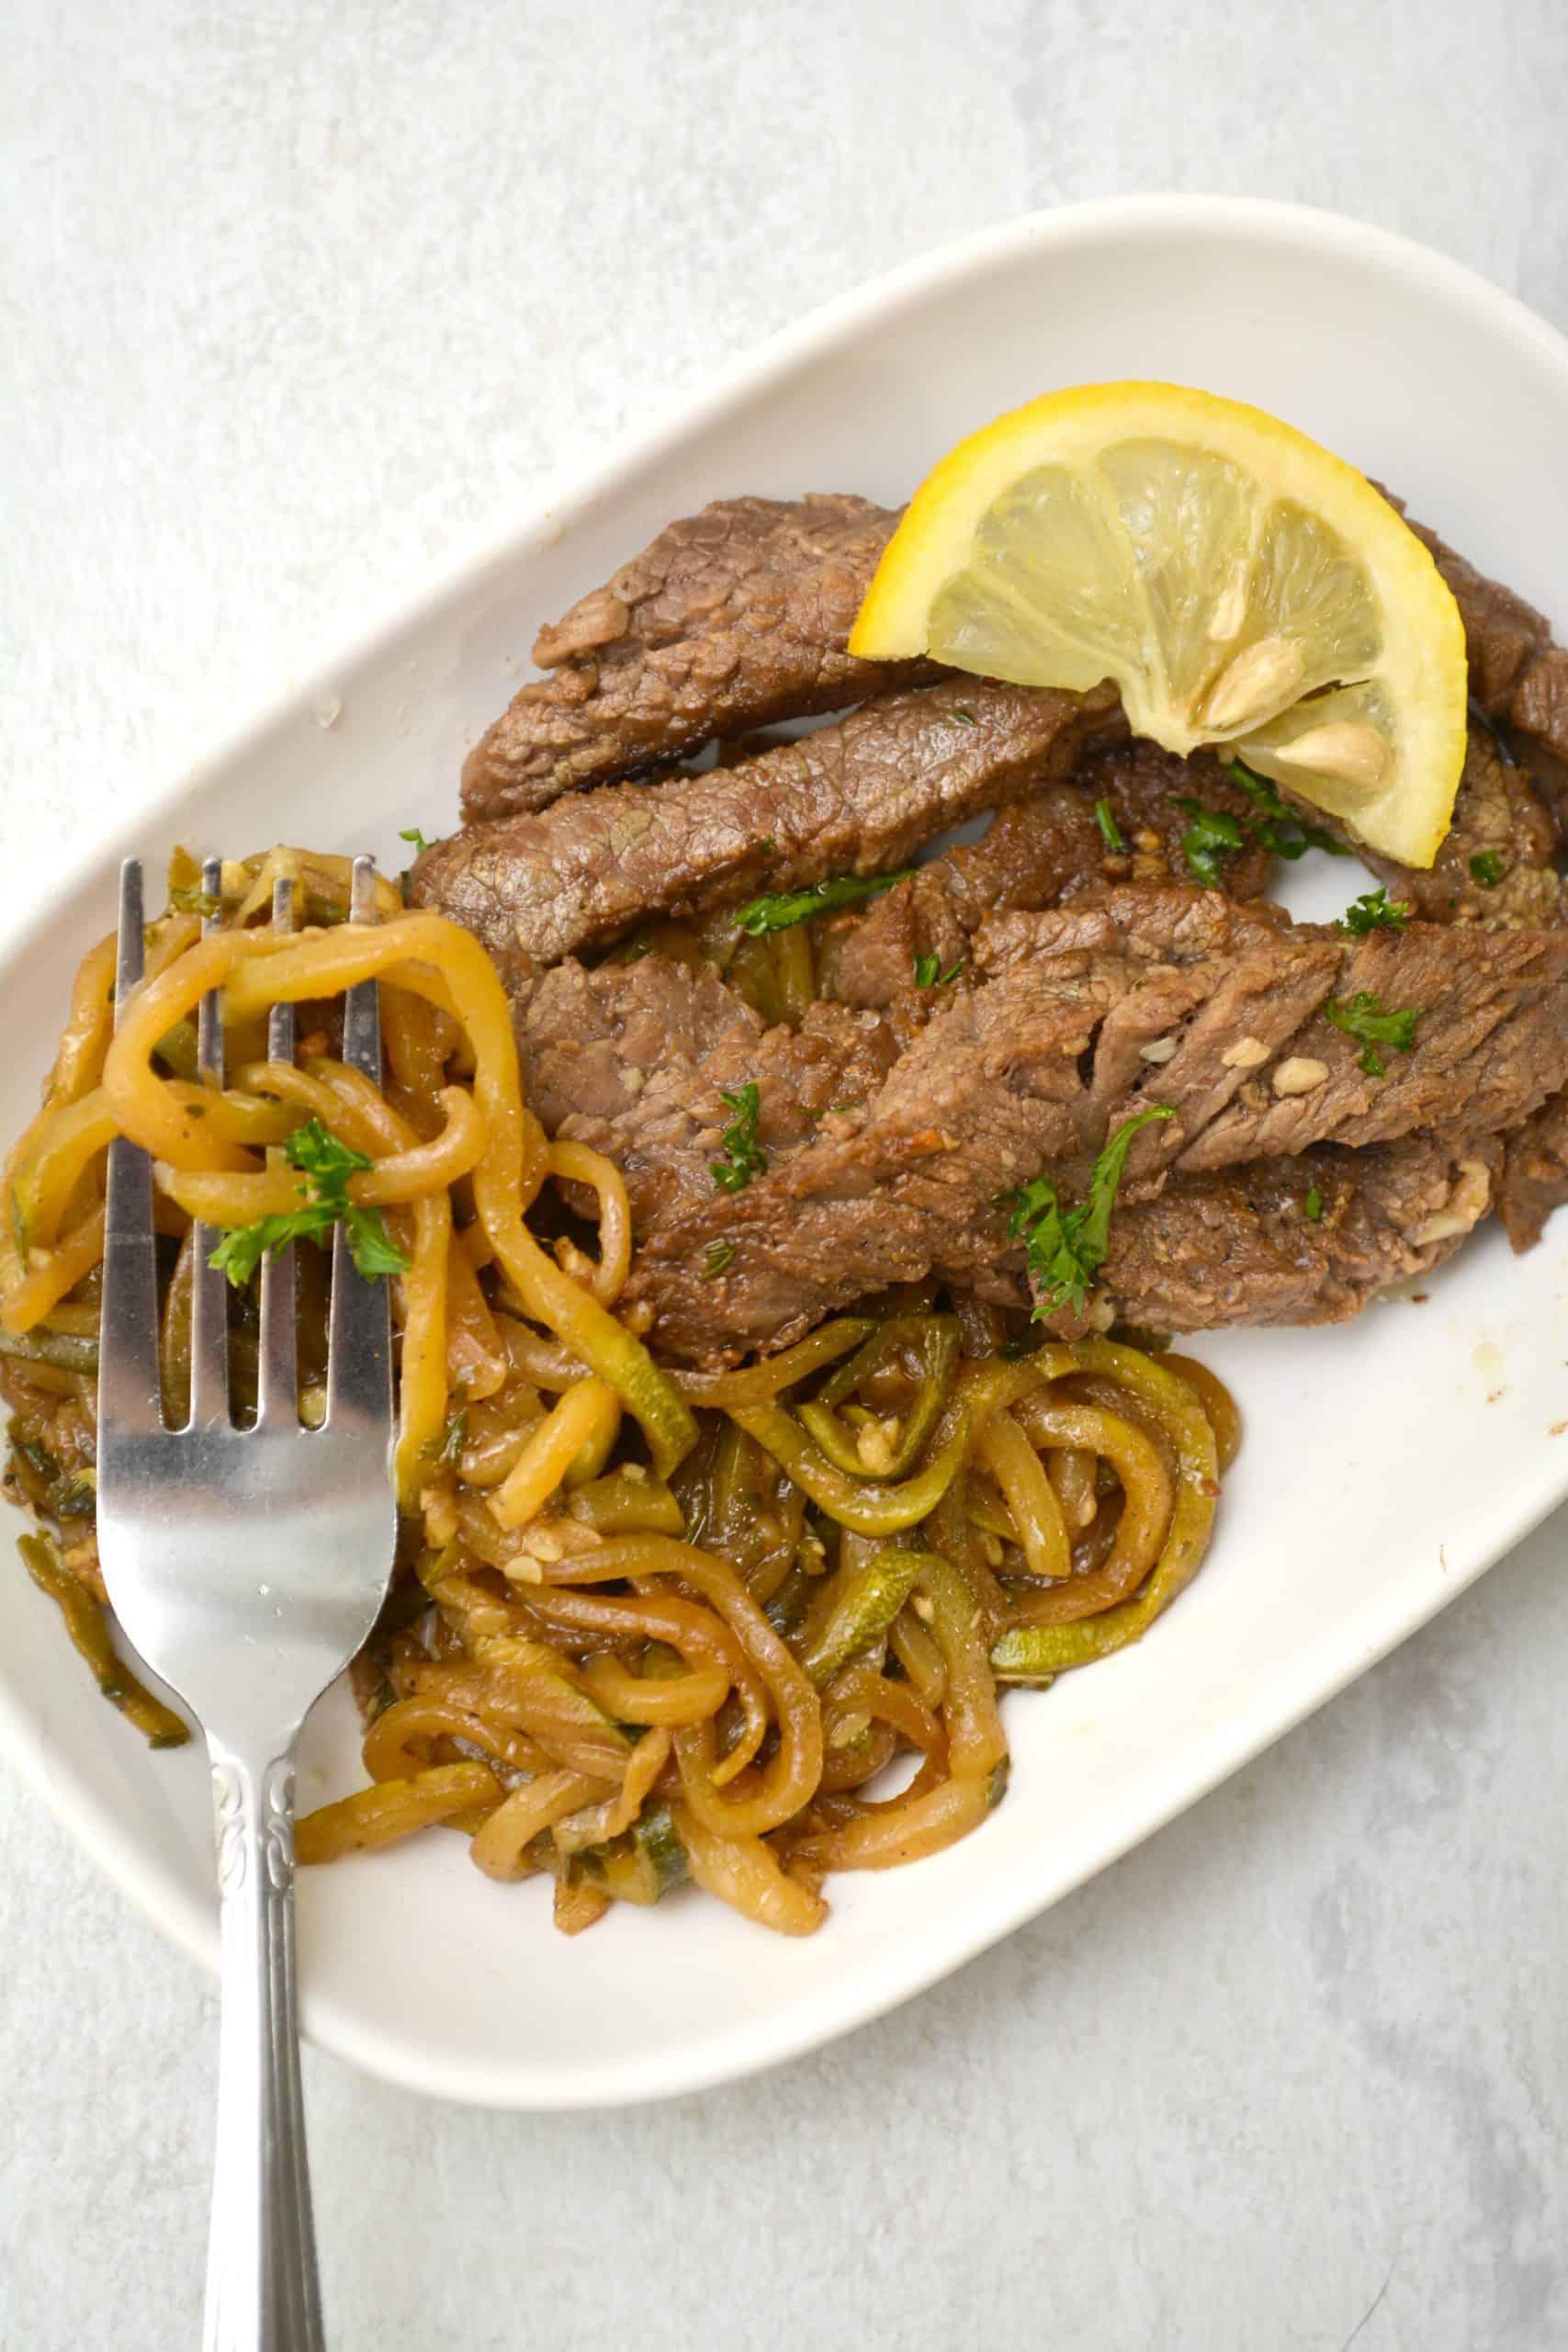 Garlic Butter Steak with Zucchini Noodles